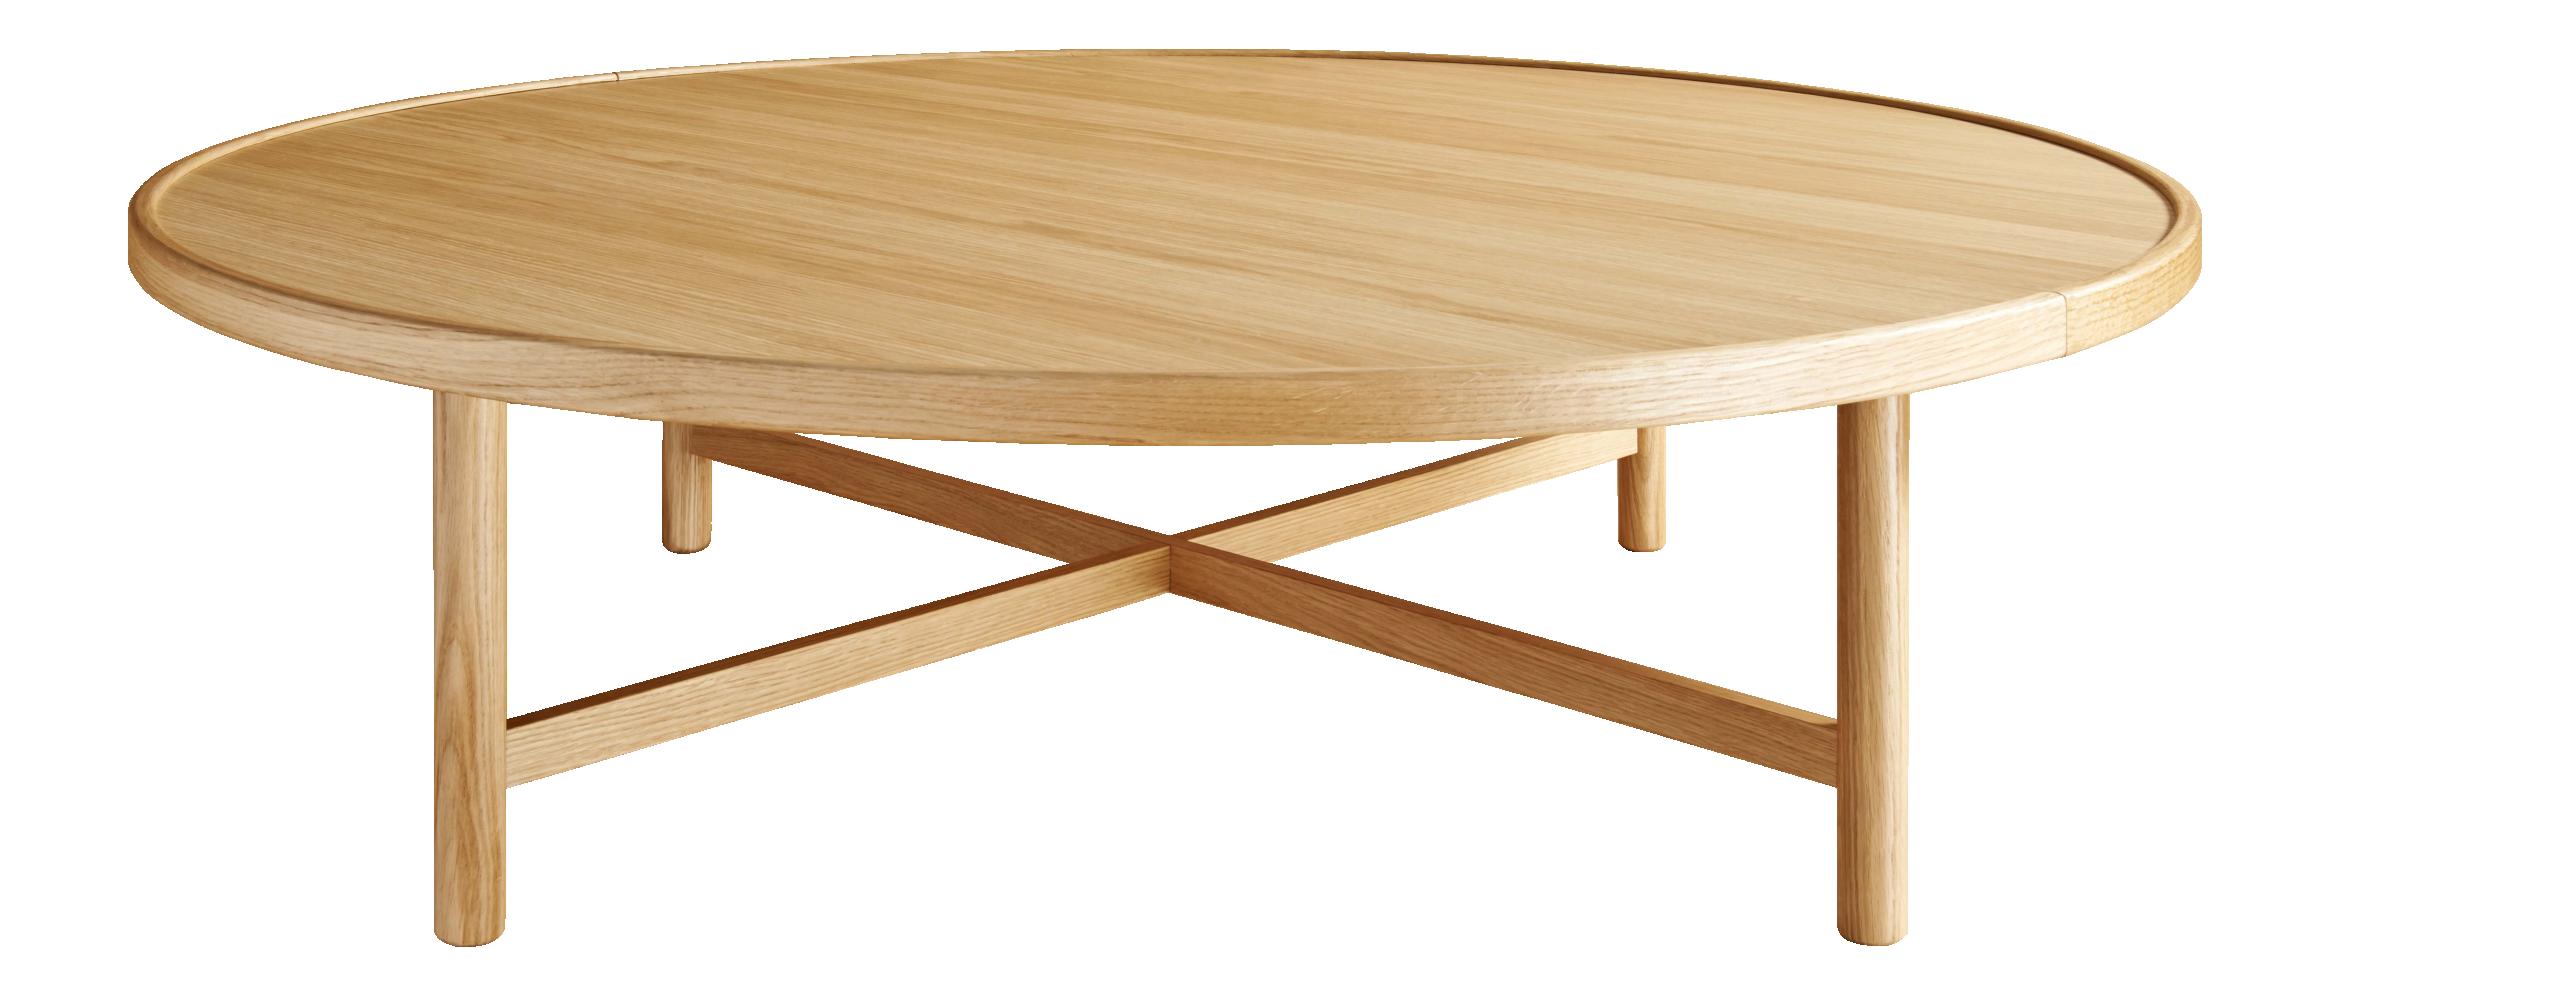 etta gro er niedriger runder tisch von habitat couchtisch pinterest runde tische. Black Bedroom Furniture Sets. Home Design Ideas